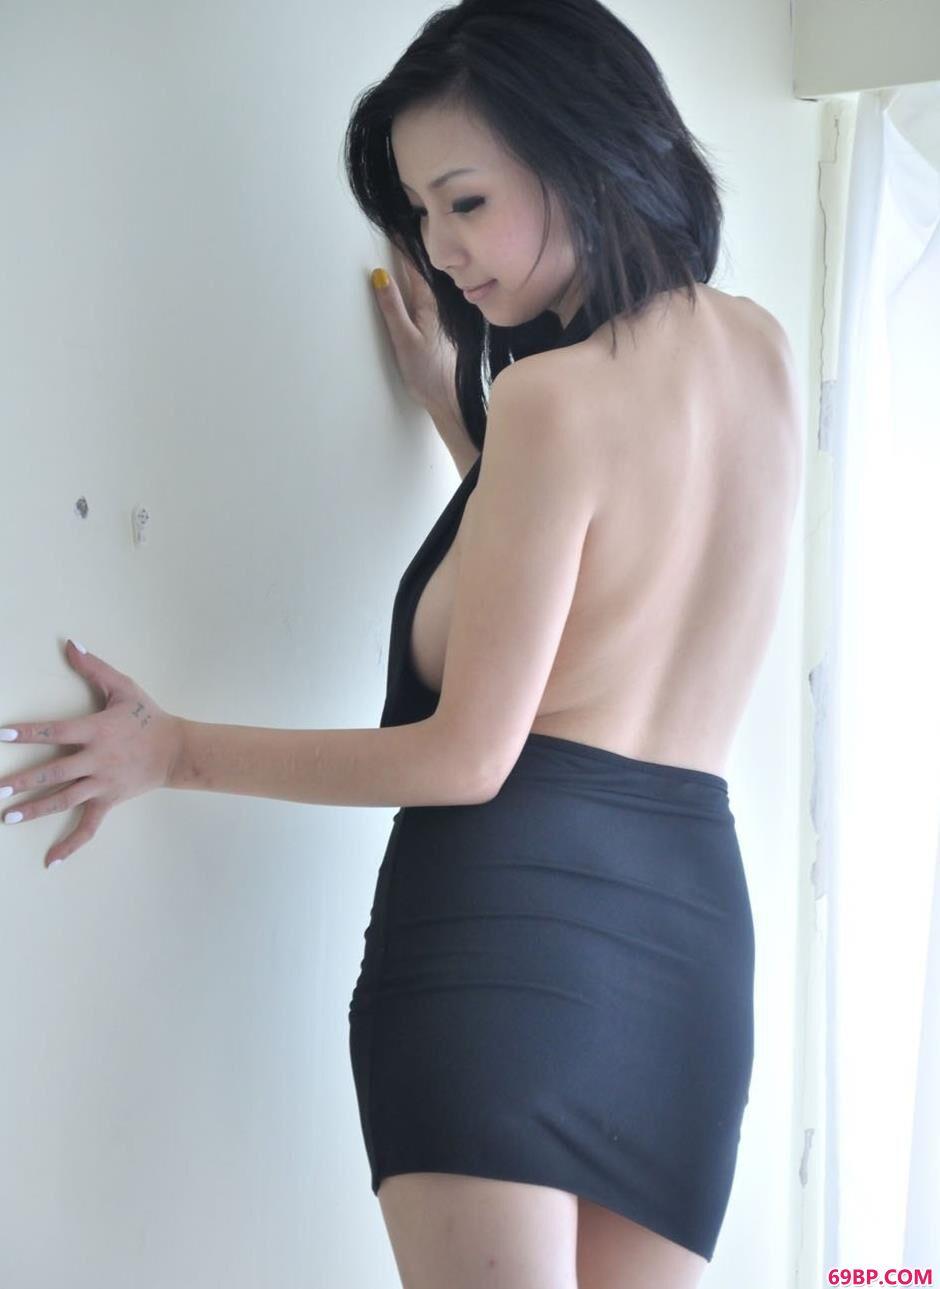 美人依依房间内的诱惑美体1